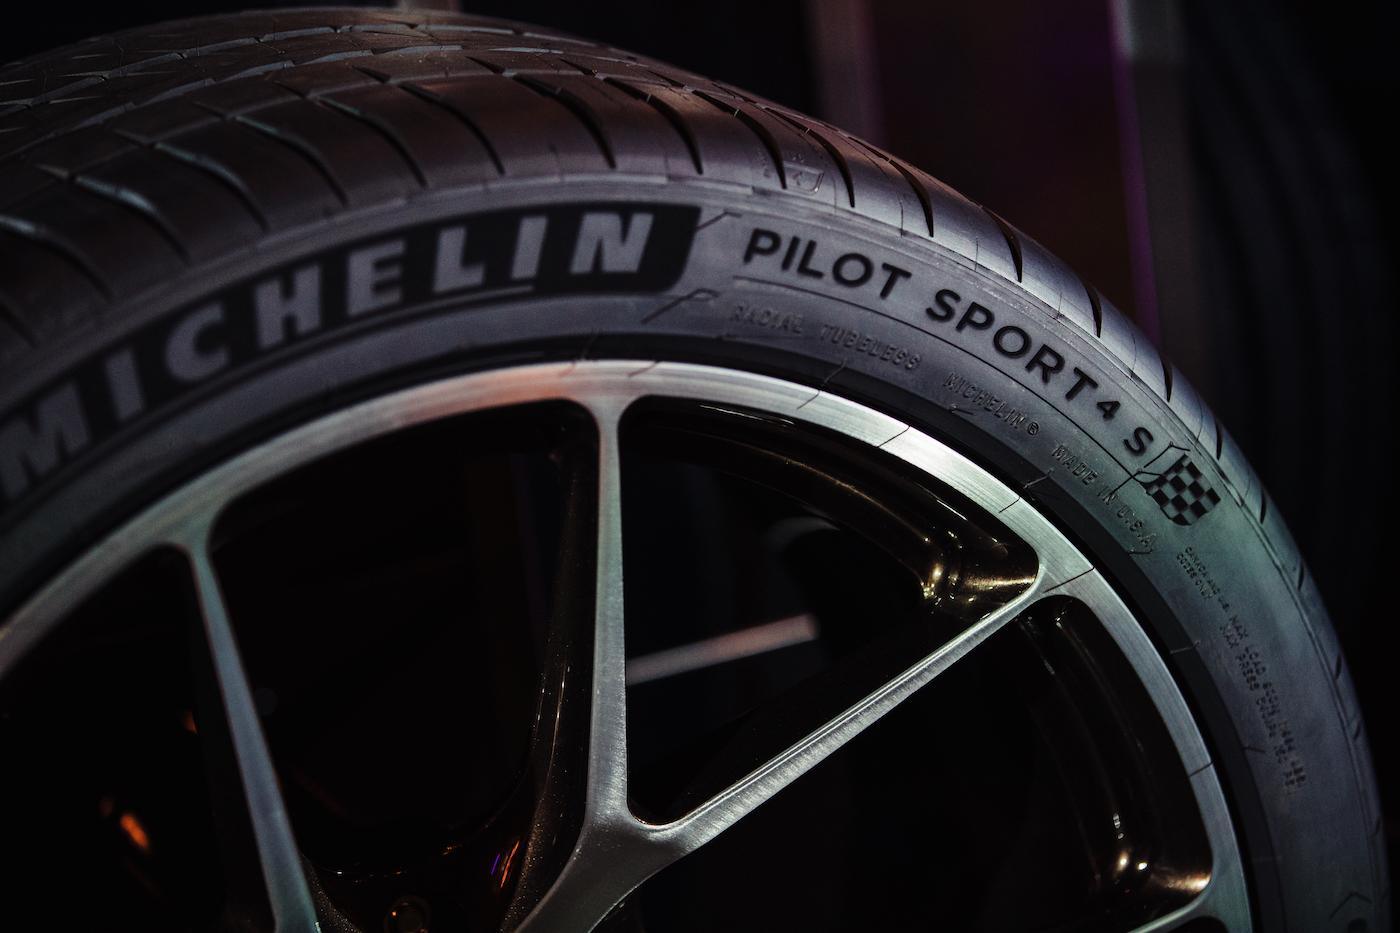 Qualmende Reifen in der kalifornischen Wüste: <br>Der Michelin Pilot Sport 4 S 4